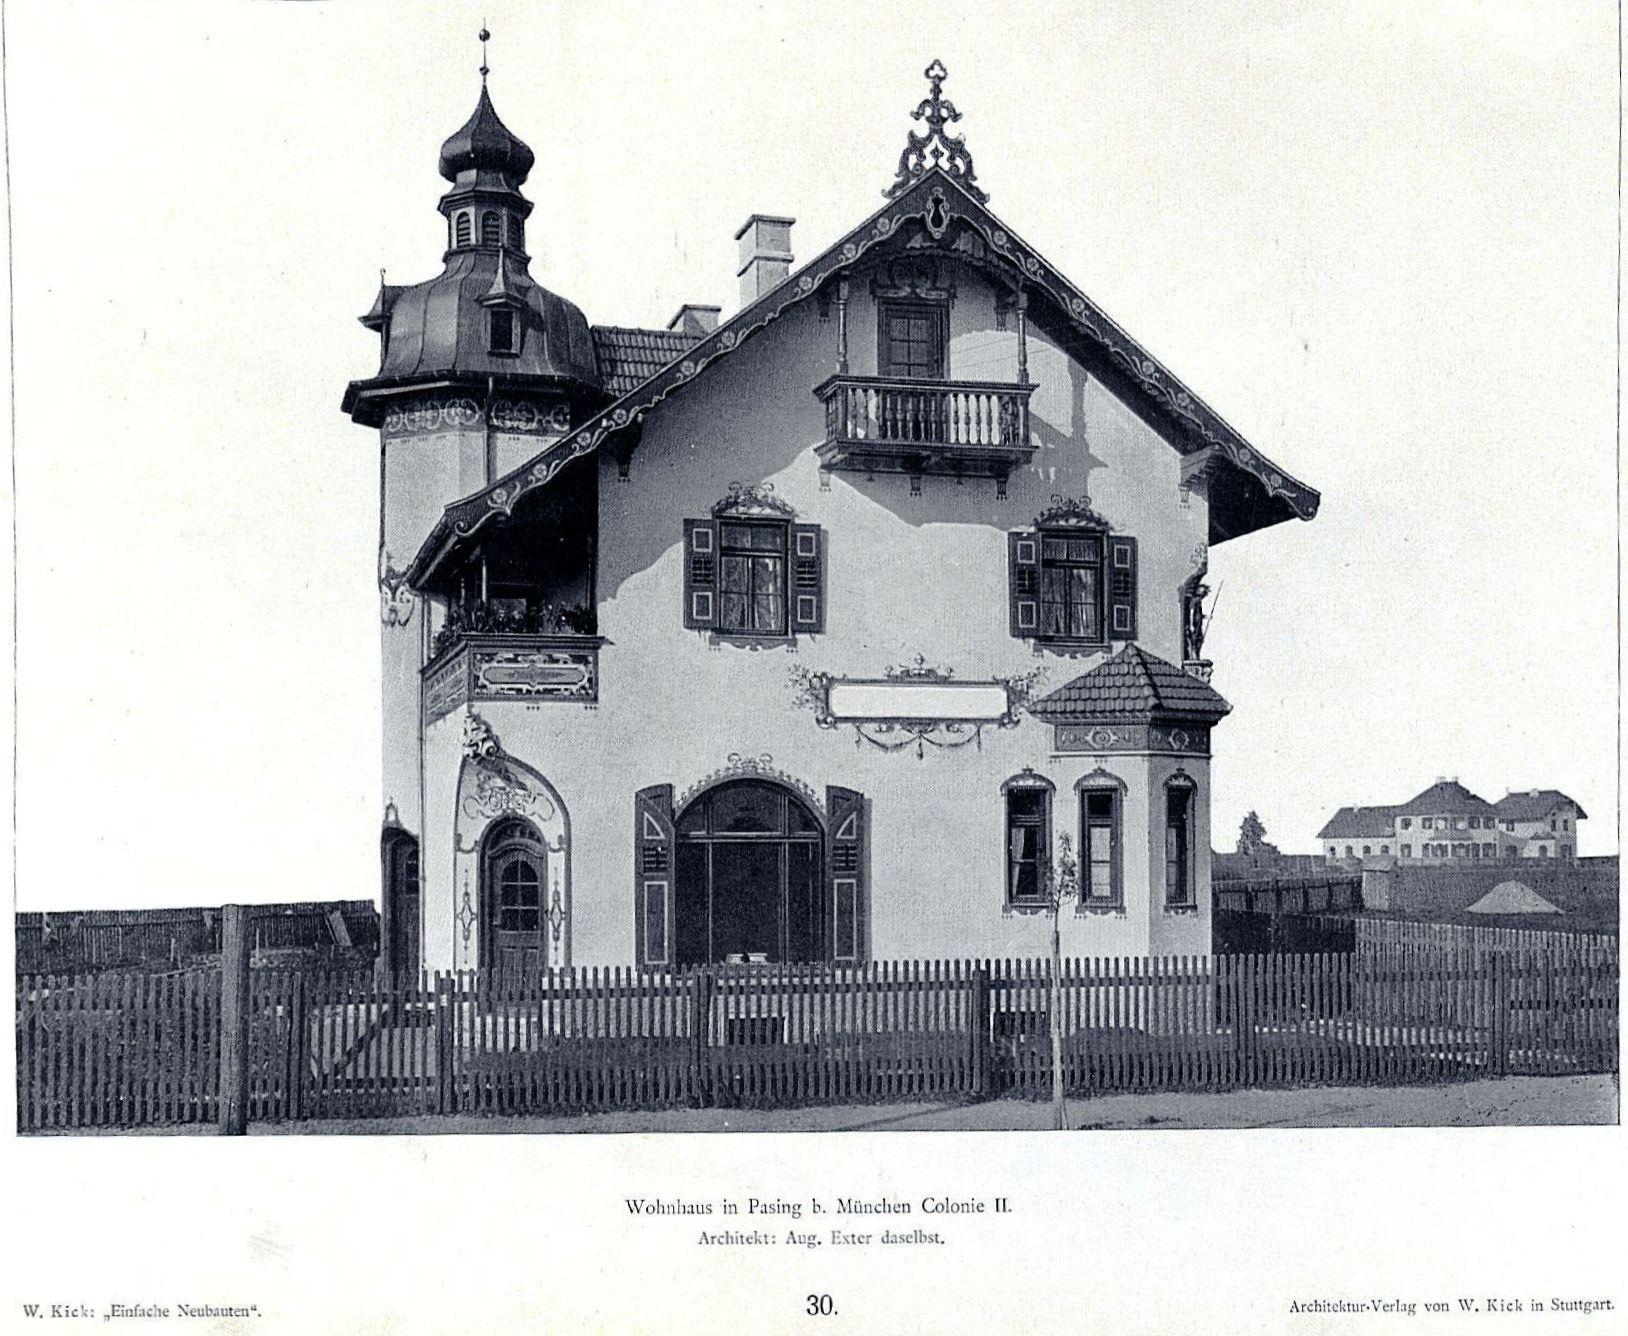 file wilhelm kick einfache neubauten stuttgart 1890 wohnhaus in pasing b m nchen colonie ii. Black Bedroom Furniture Sets. Home Design Ideas